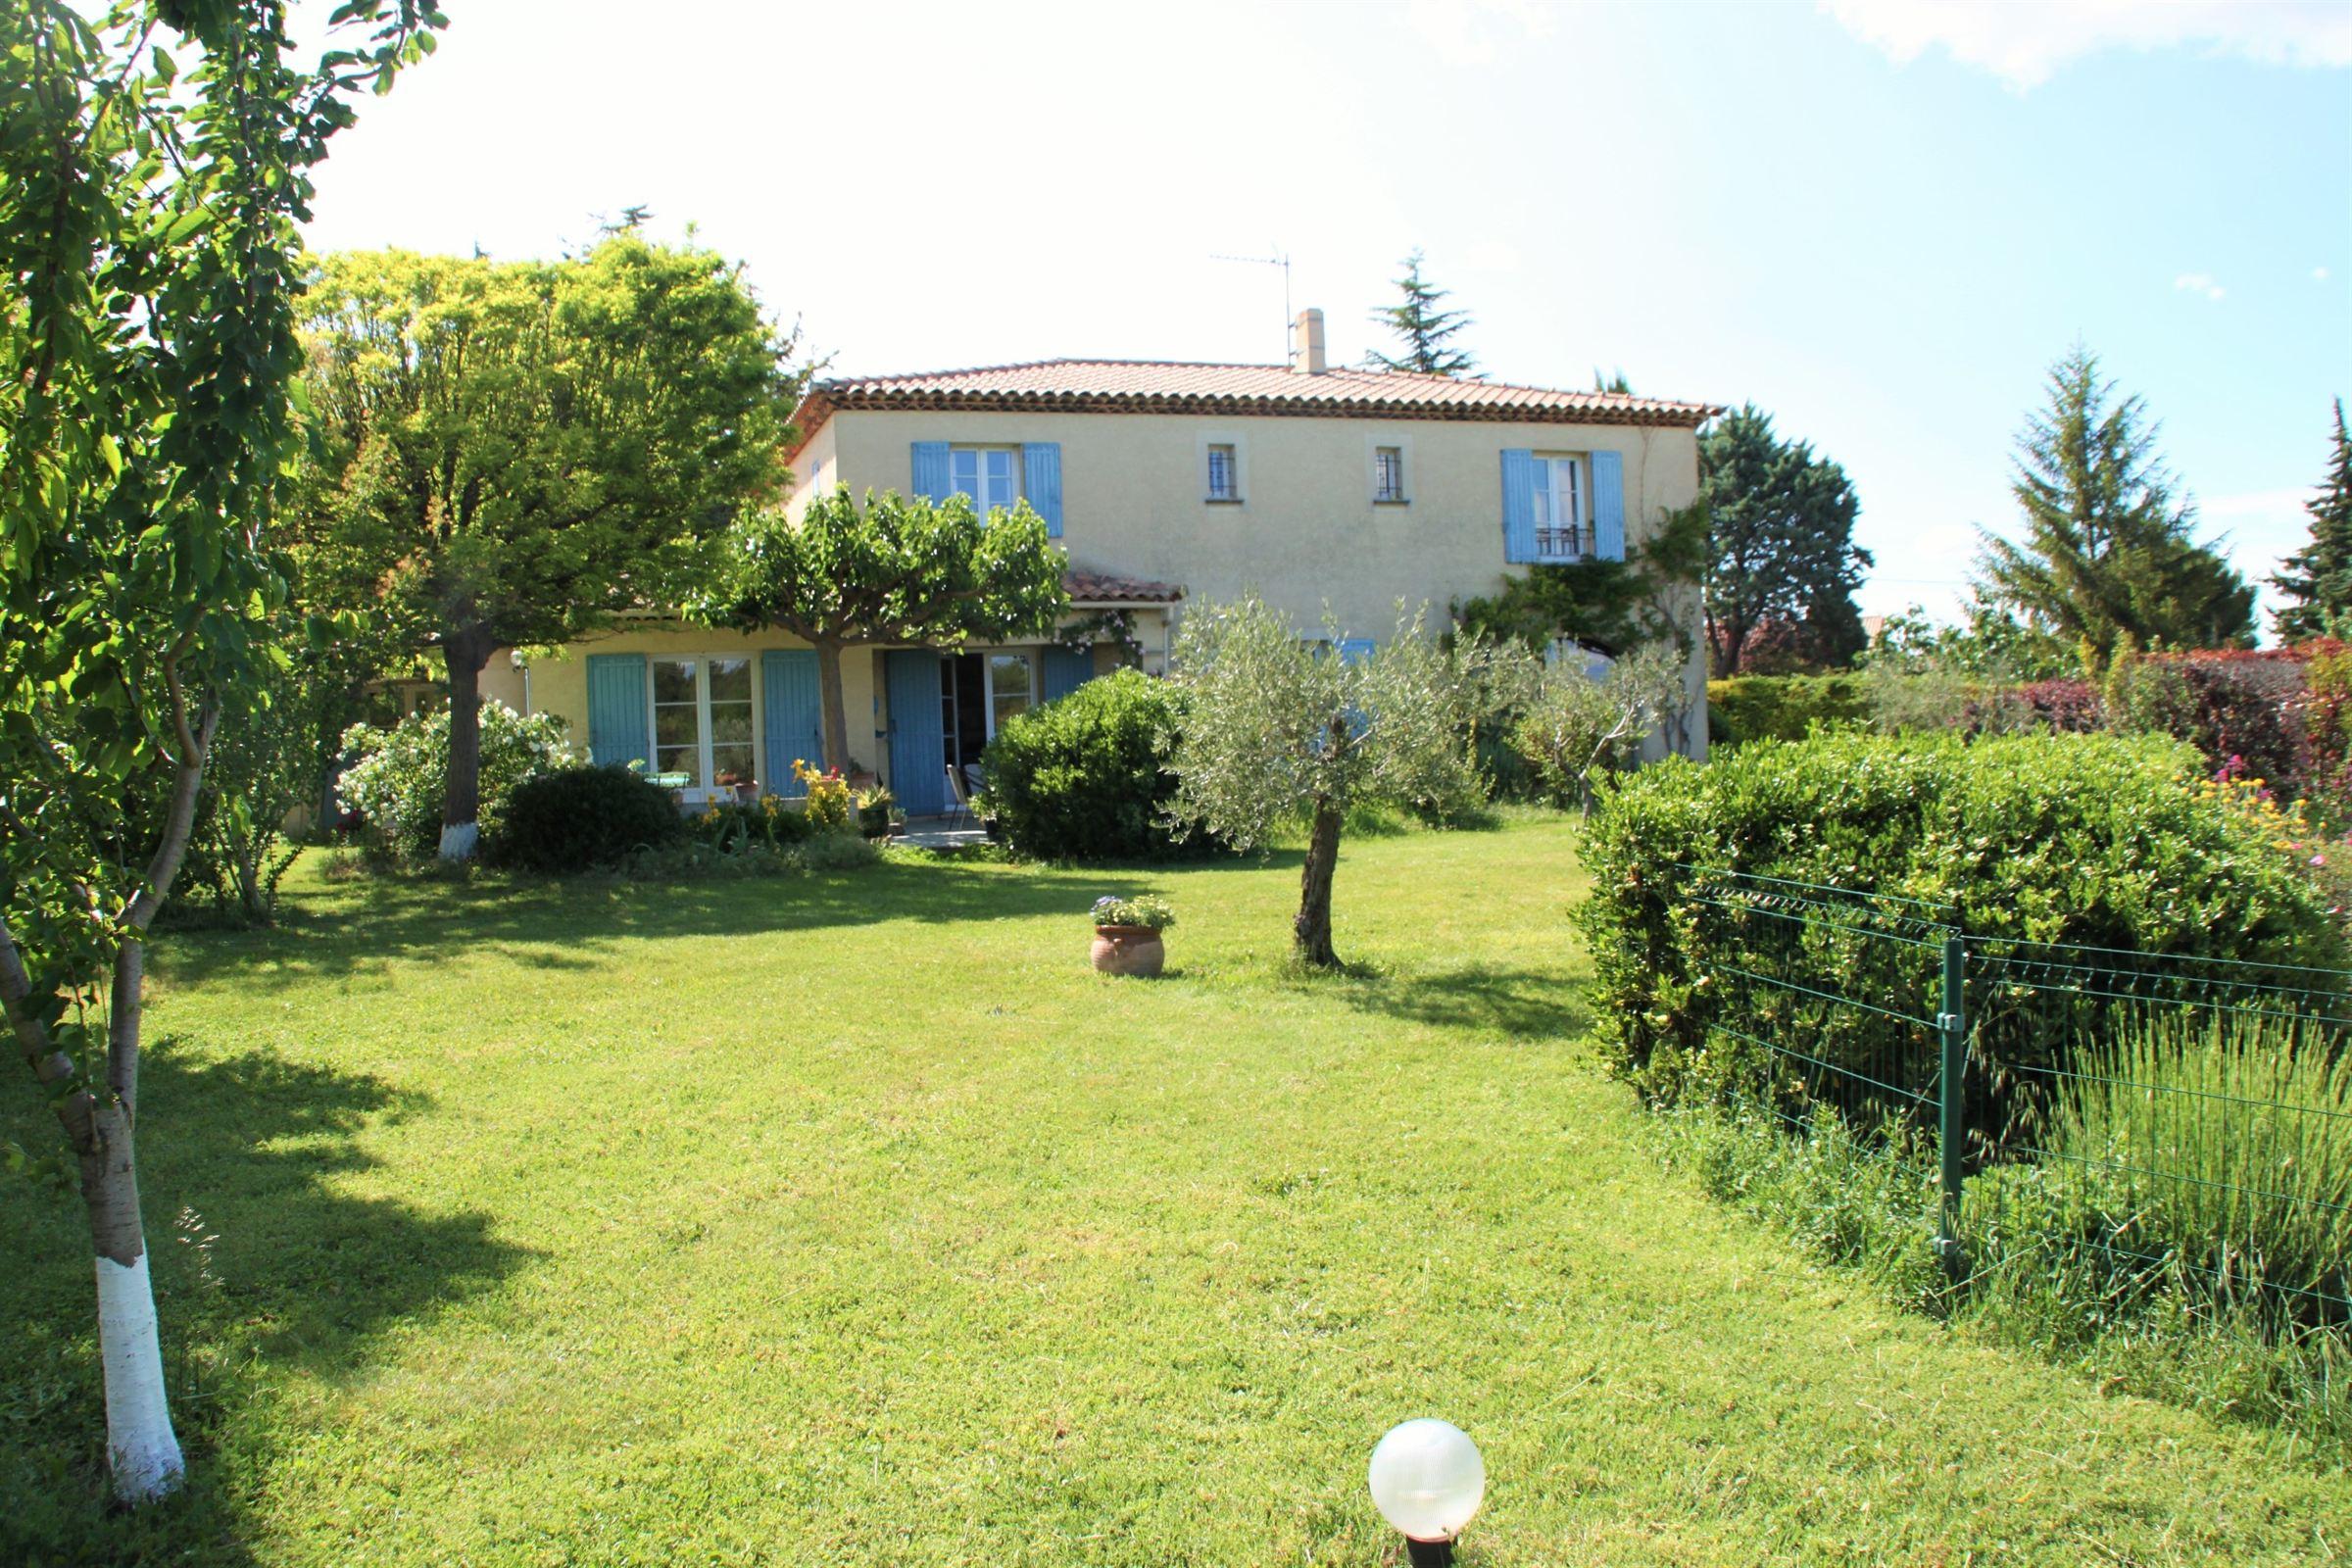 단독 가정 주택 용 매매 에 5 MINUTS FROM CENTER Other Provence-Alpes-Cote D'Azur, 프로벤스 앞ㄹ프스 코테 D'Azur, 13090 프랑스